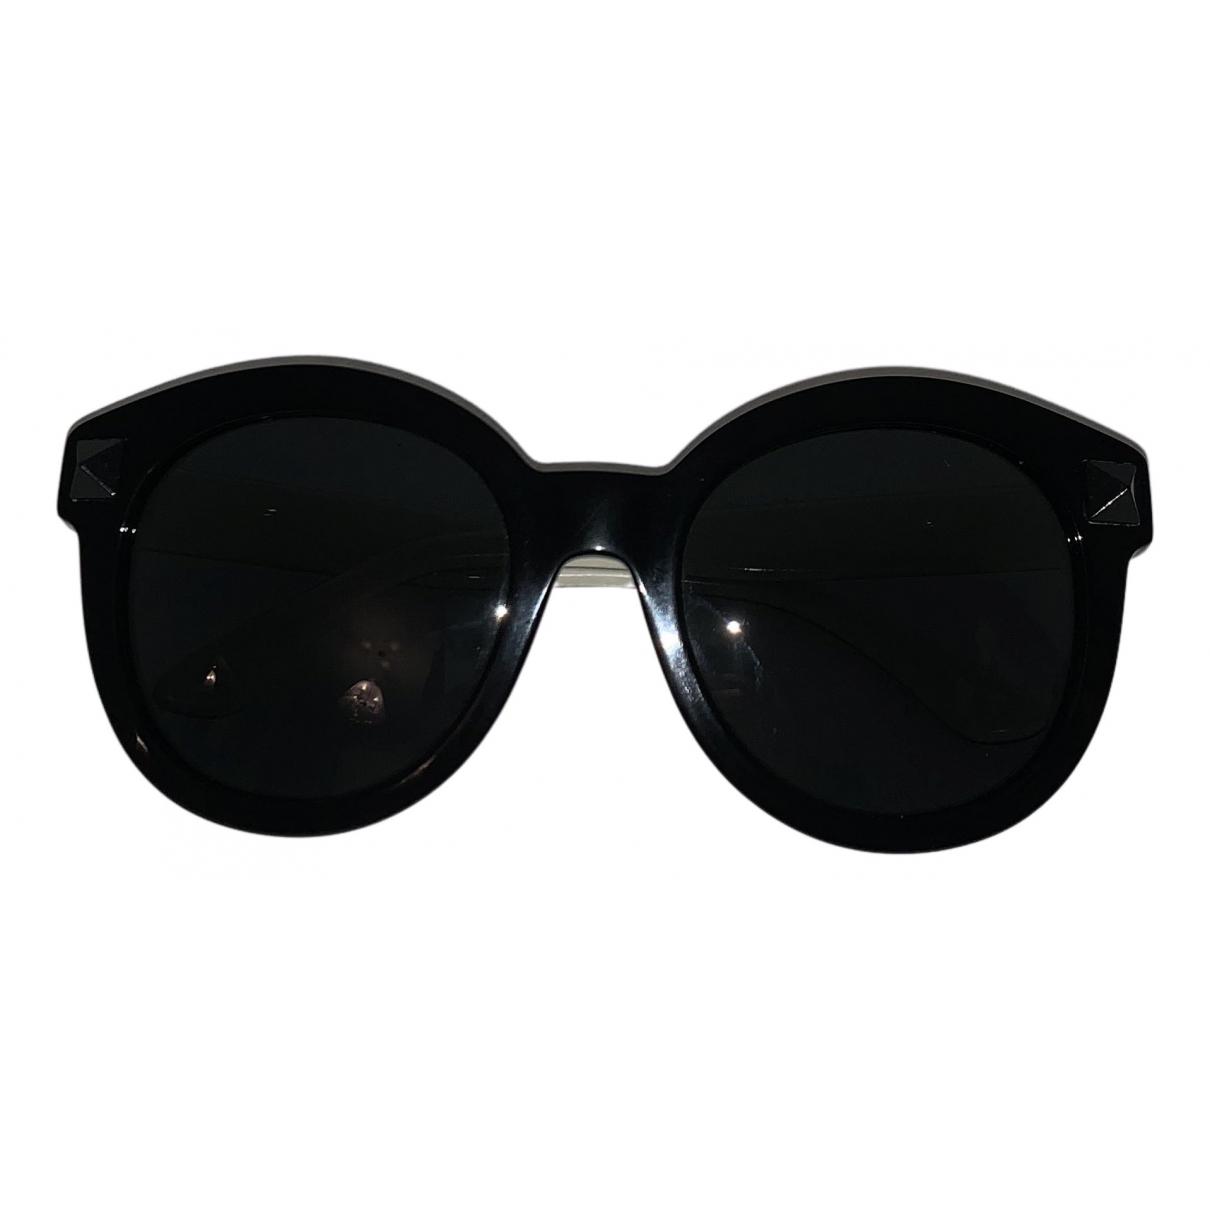 Valentino Garavani - Lunettes   pour femme - noir